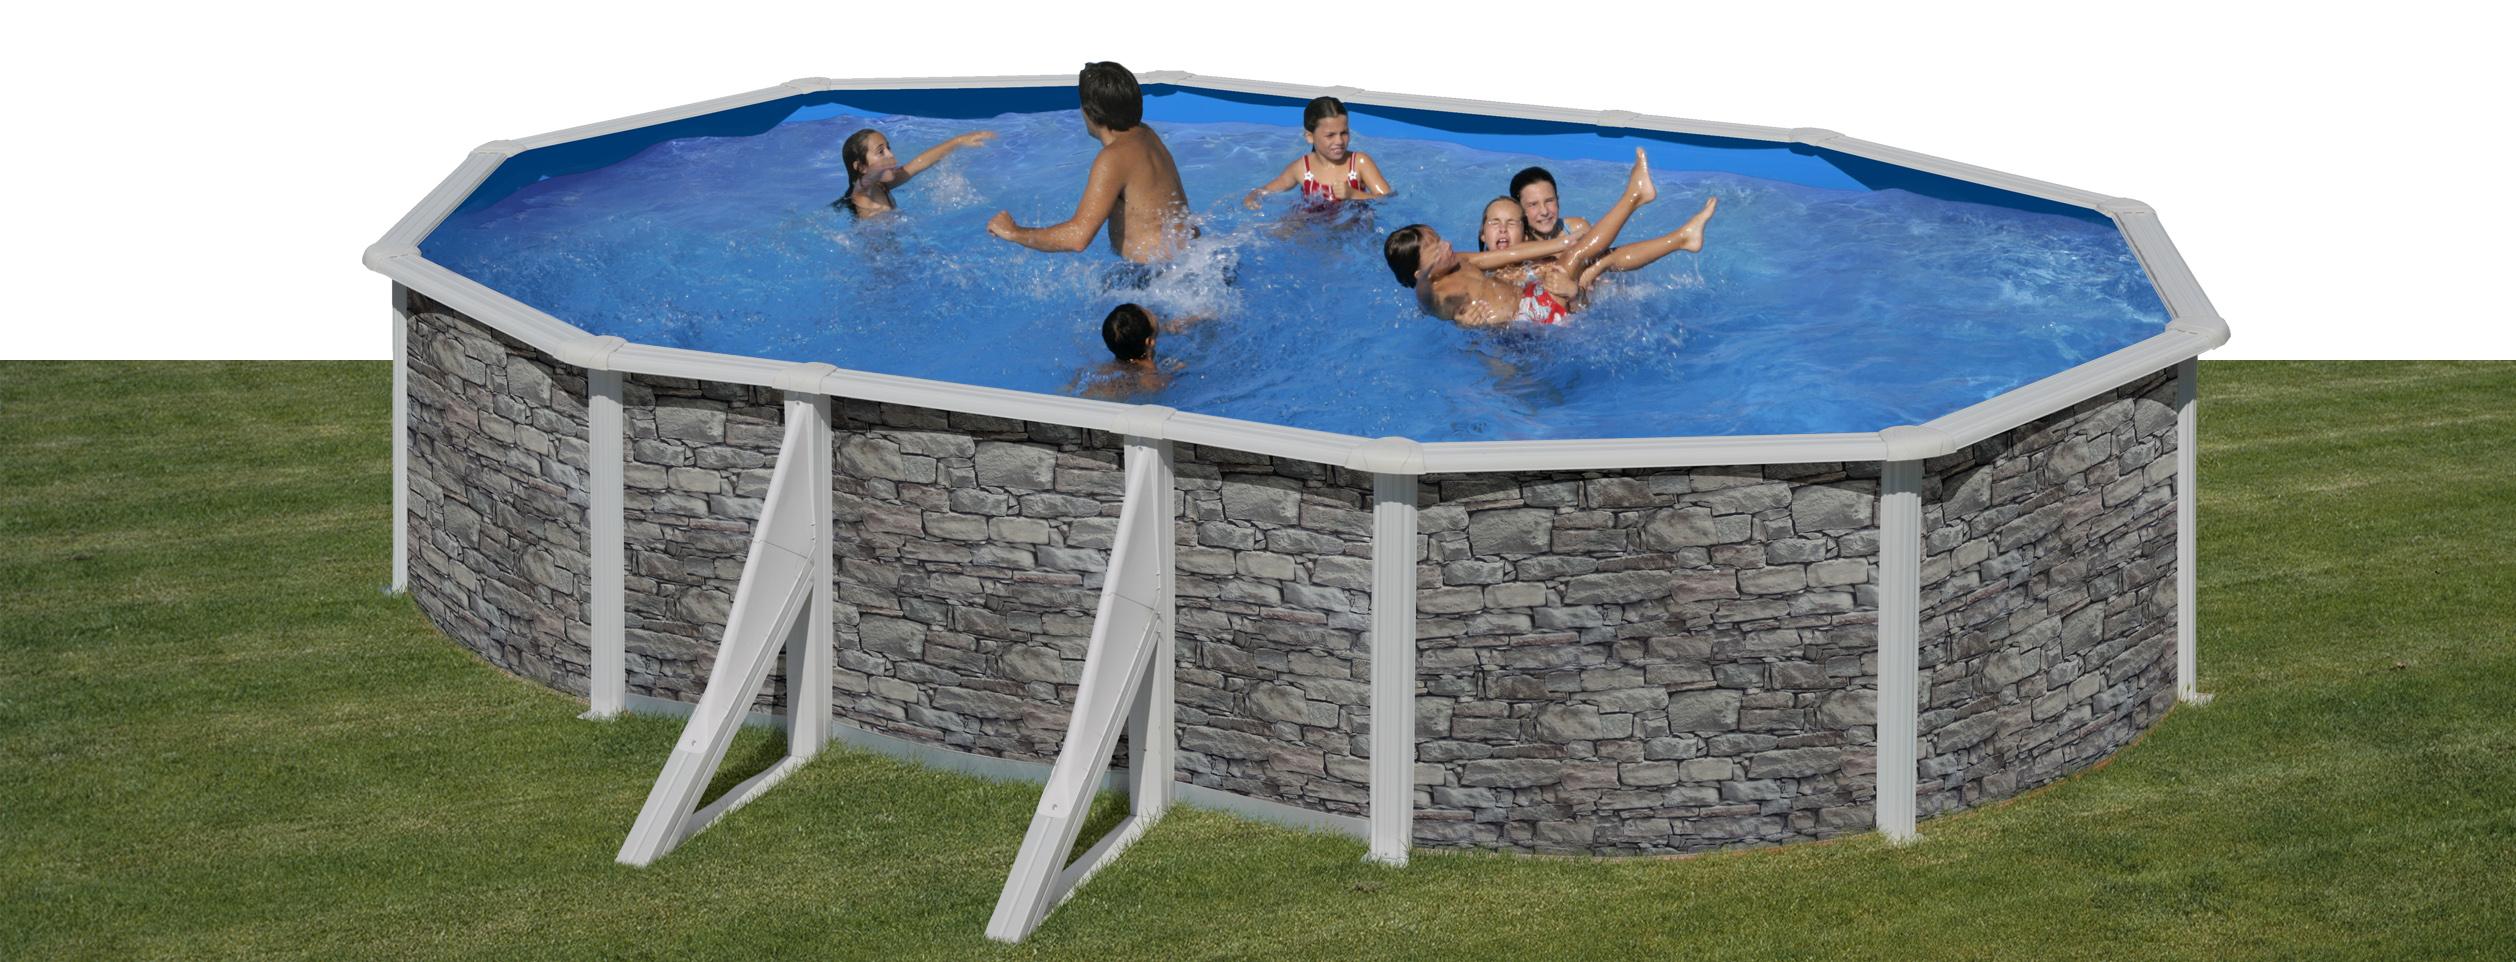 Corcega 610x375x132 piscinas garrido estufas de orujo for Piscinas garrido